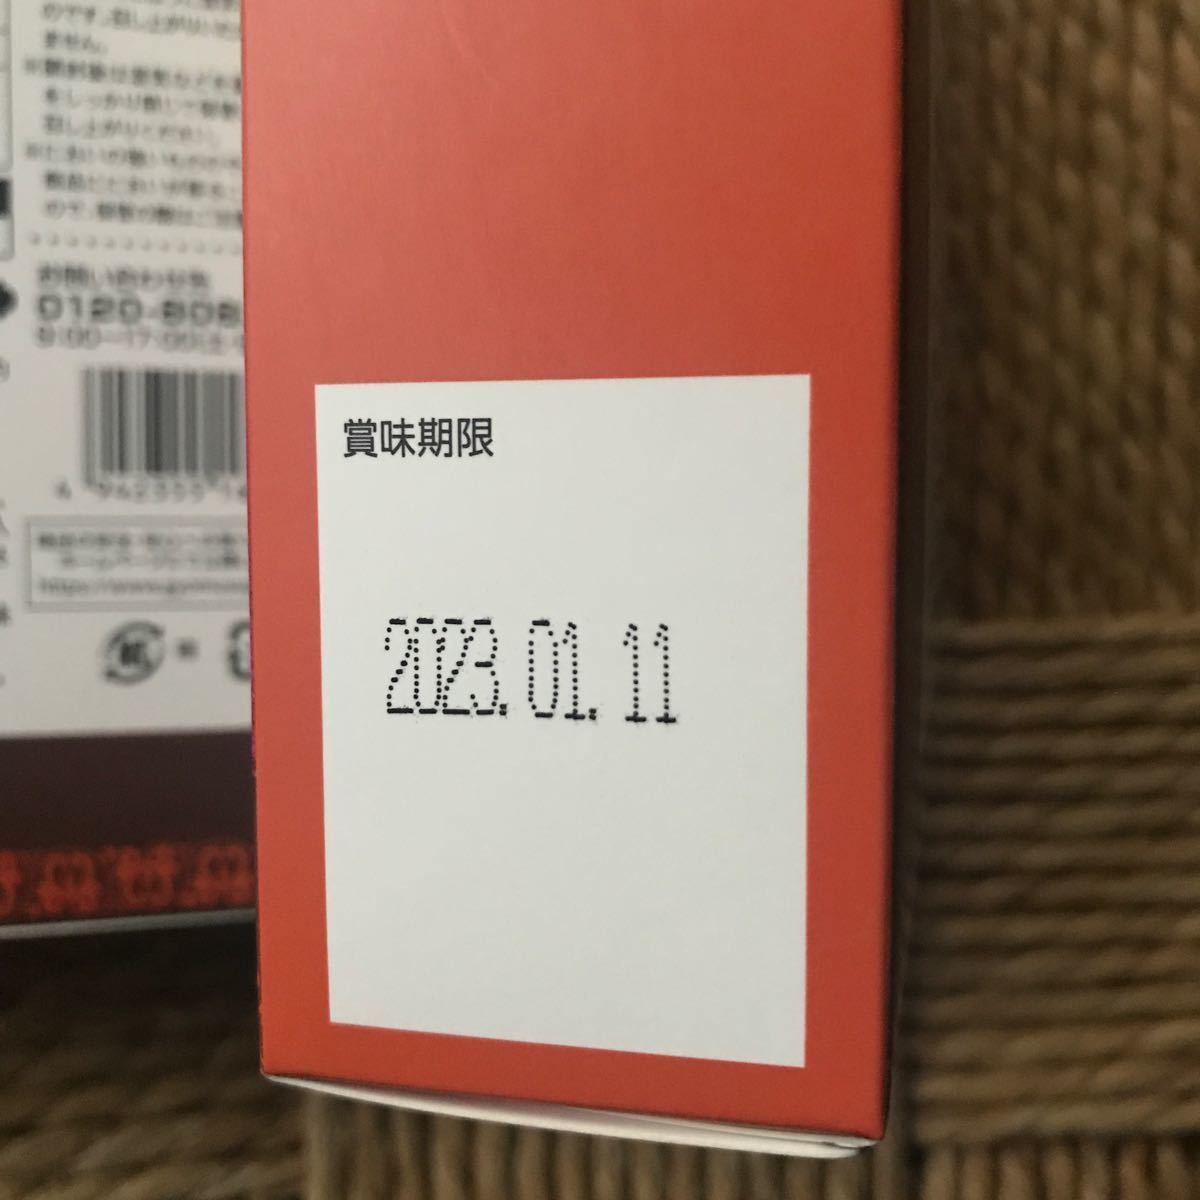 ごぼう茶 20袋入りx2箱セット